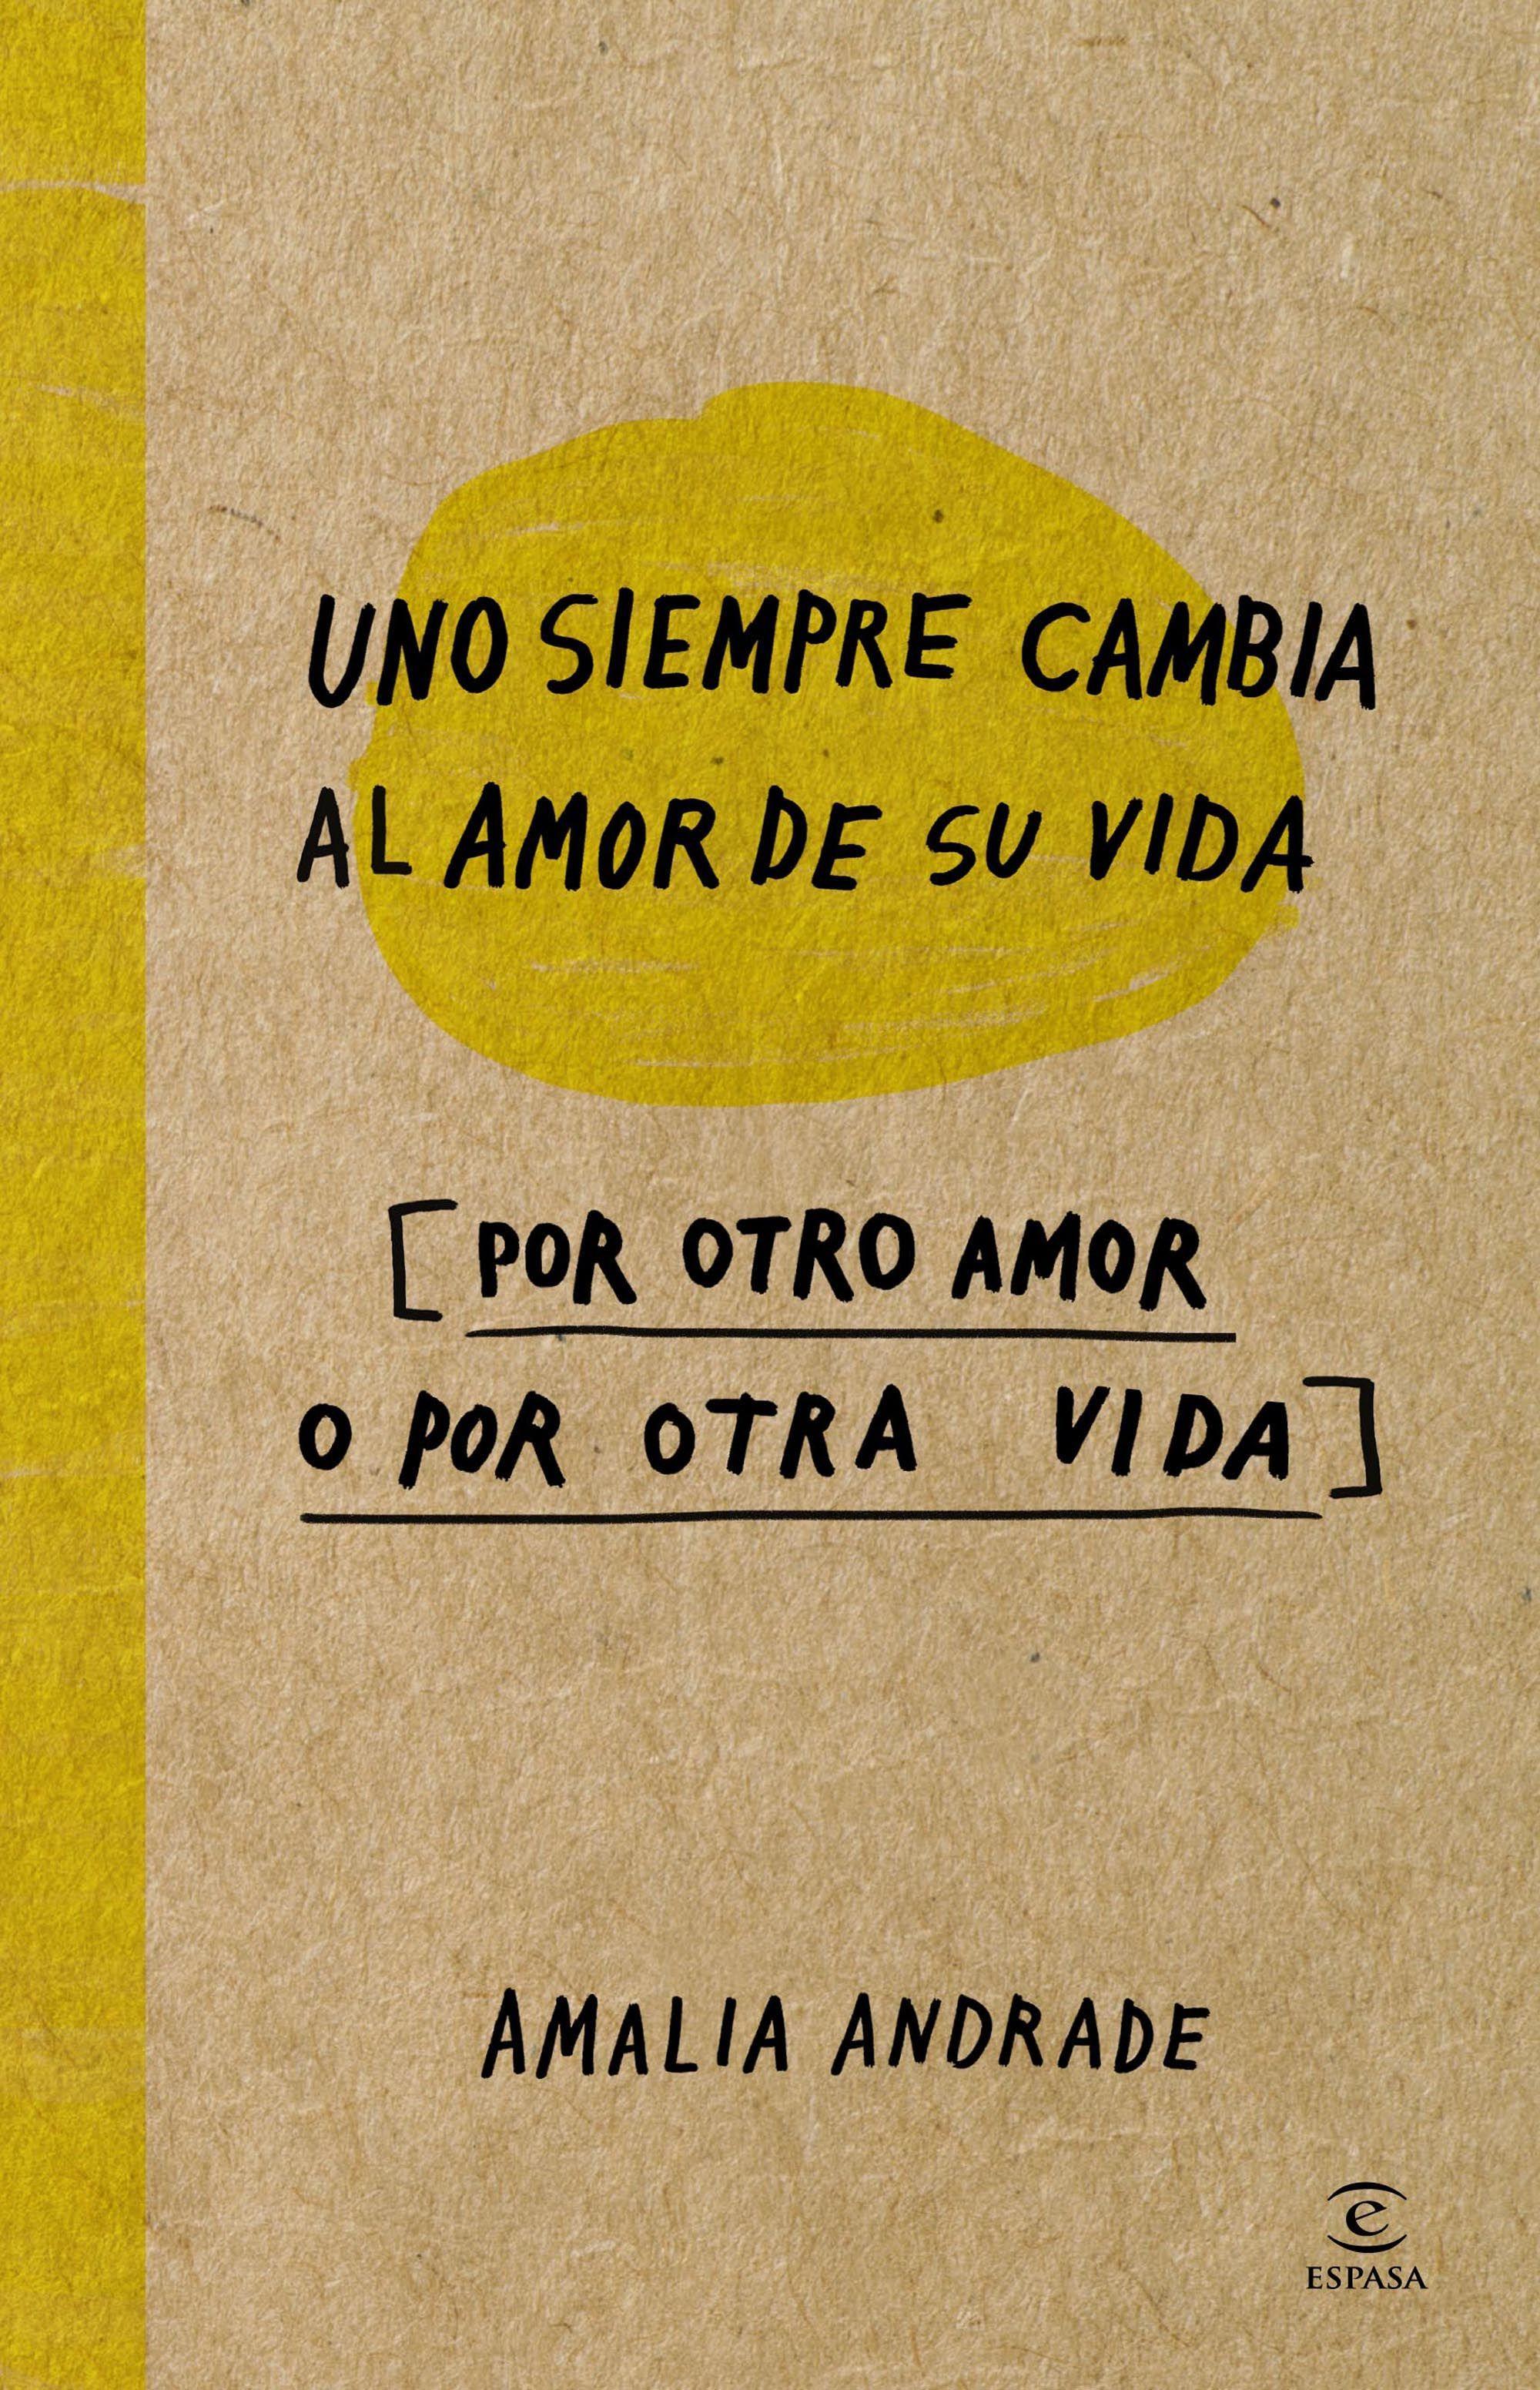 https://0201.nccdn.net/4_2/000/000/038/2d3/portada_uno-siempre-cambia-al-amor-de-su-vida_amalia-andrade-ara.jpg